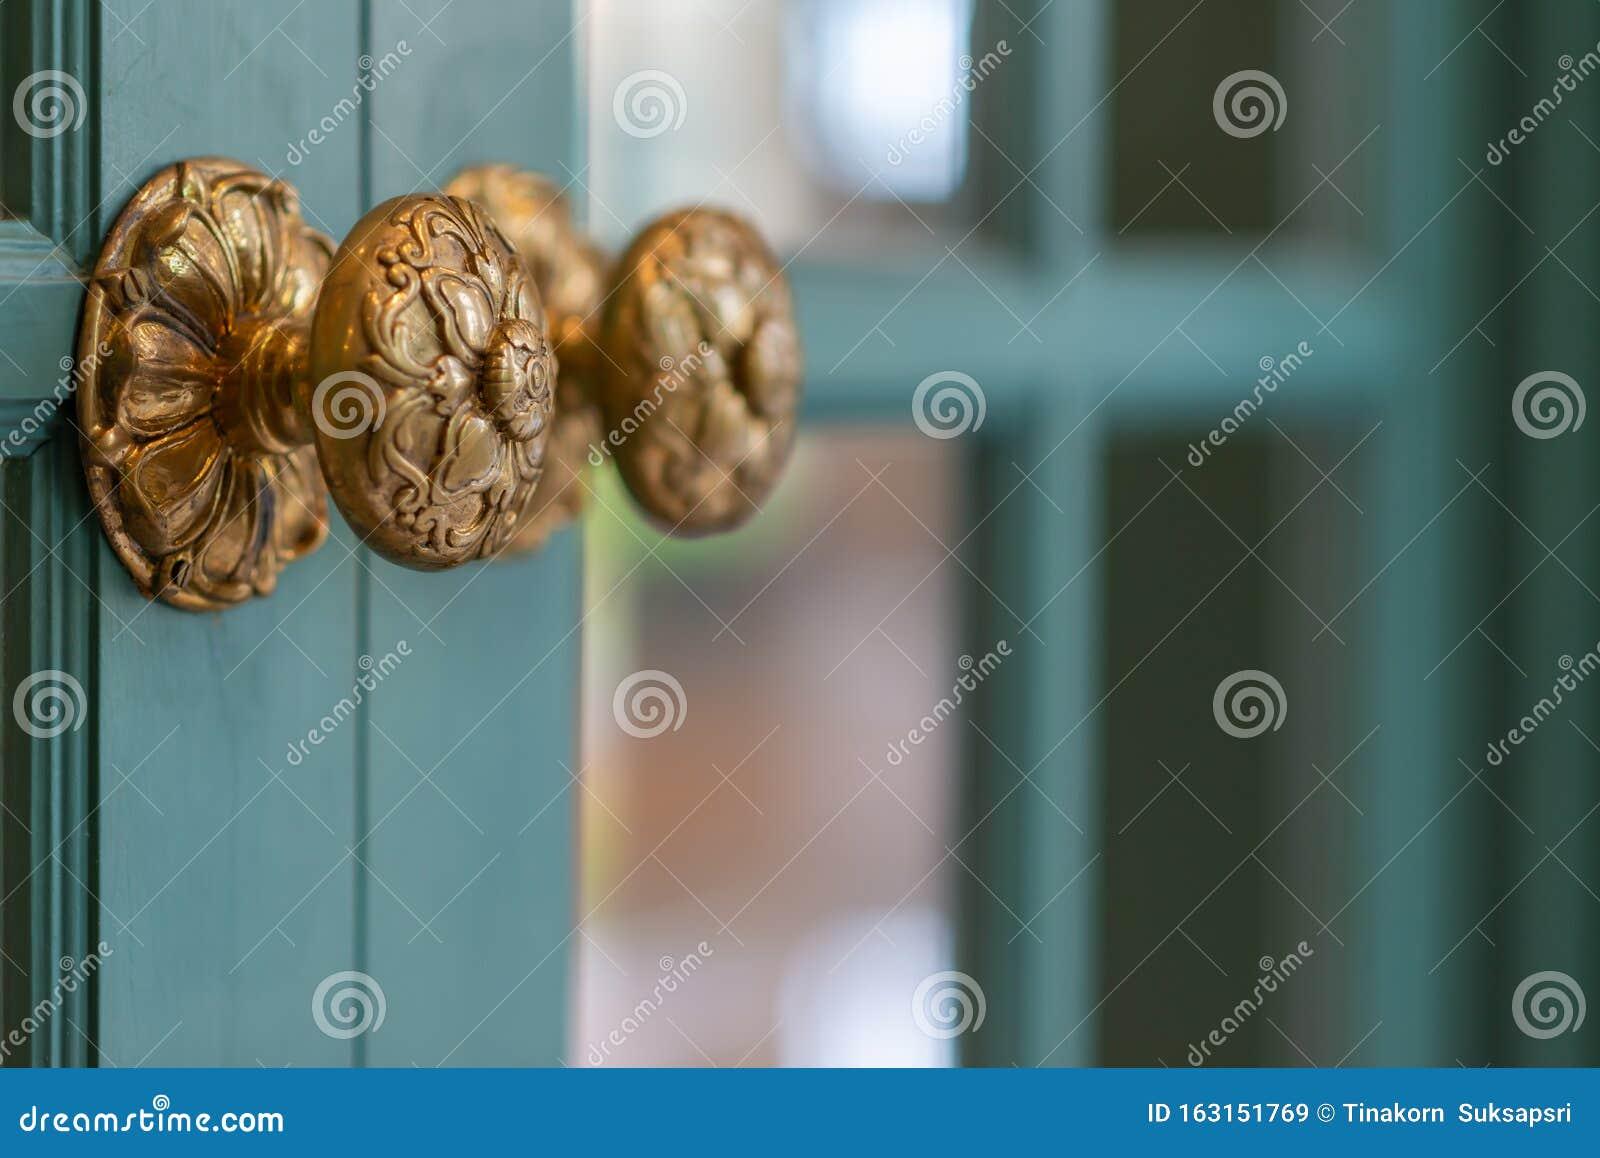 Classic Retro Brass Door Knob Vintage Decoration Retro Interior Stock Image Image Of Architecture Exterior 163151769